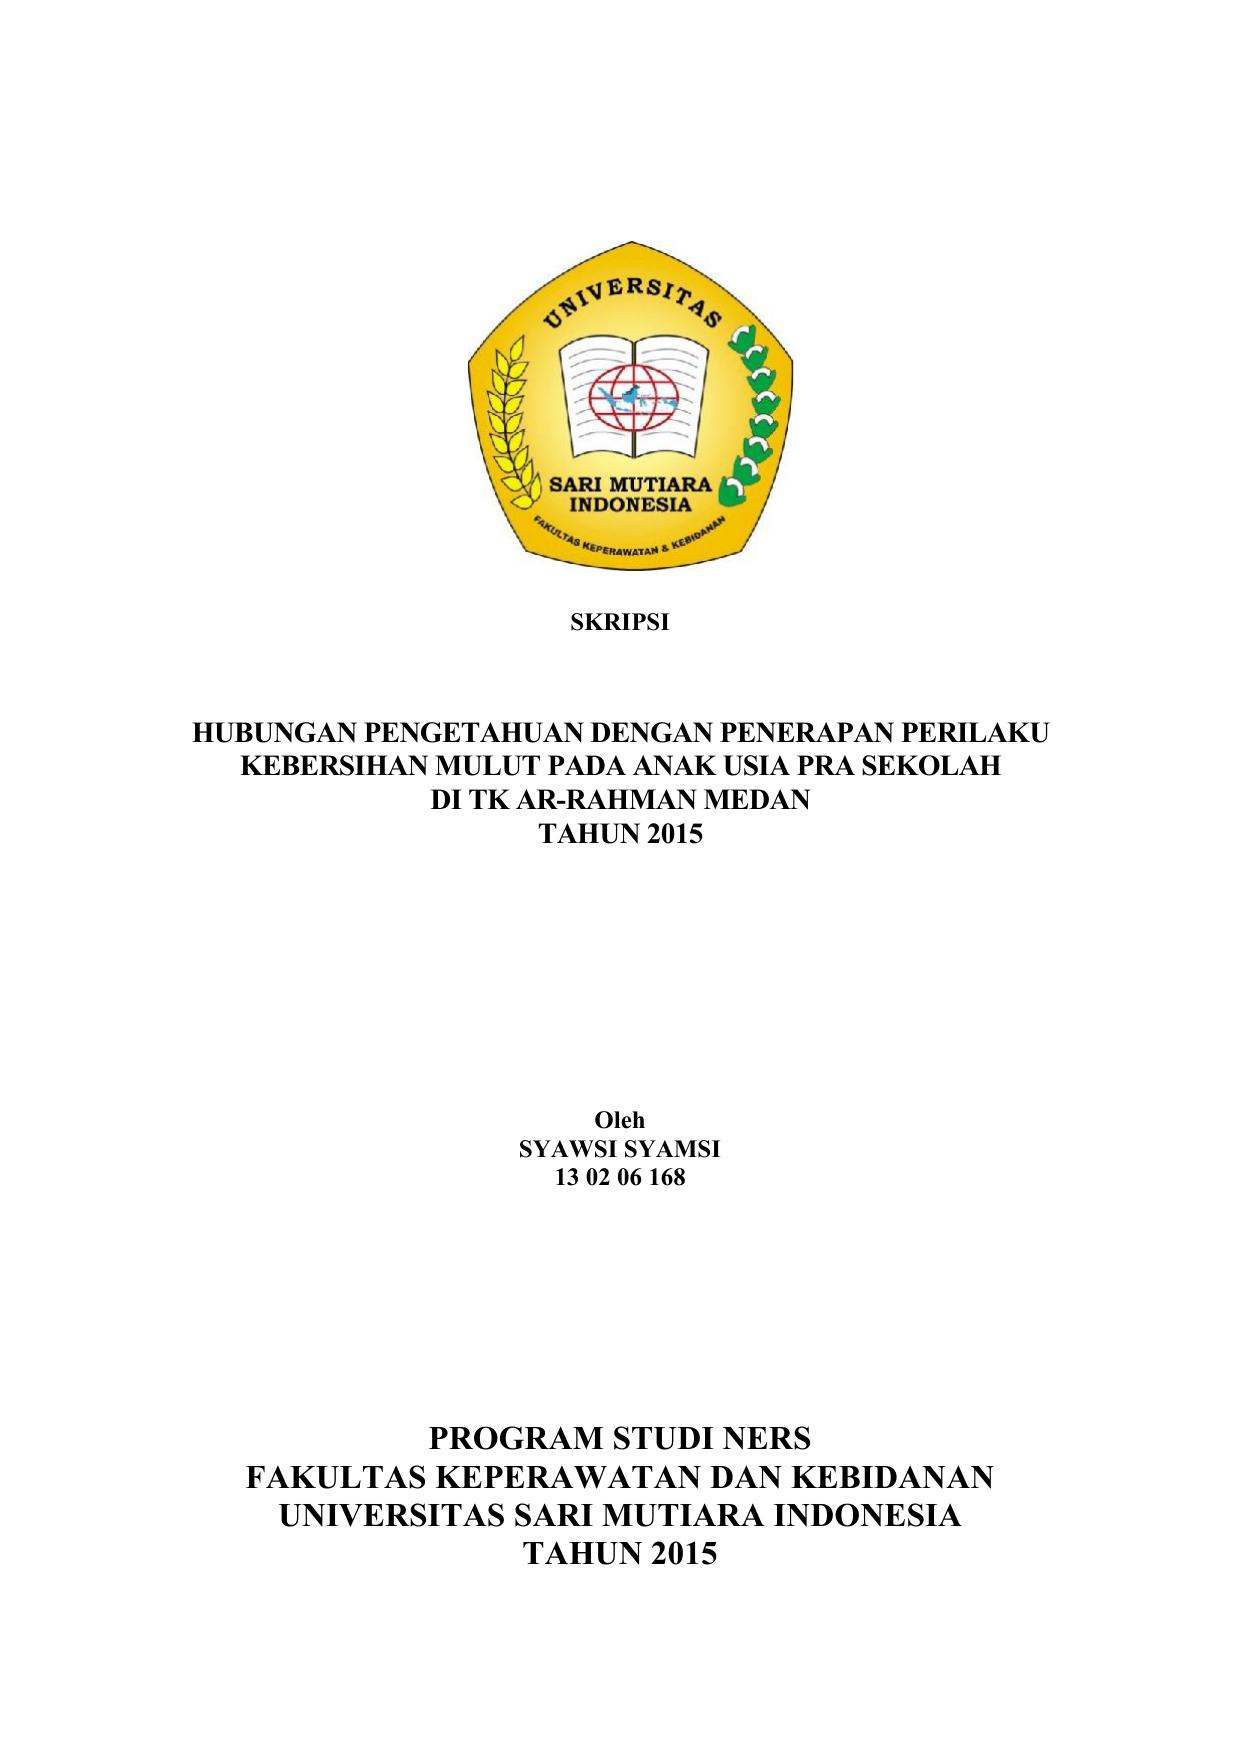 Program Studi Ners Fakultas Keperawatan Dan Kebidanan Universitas